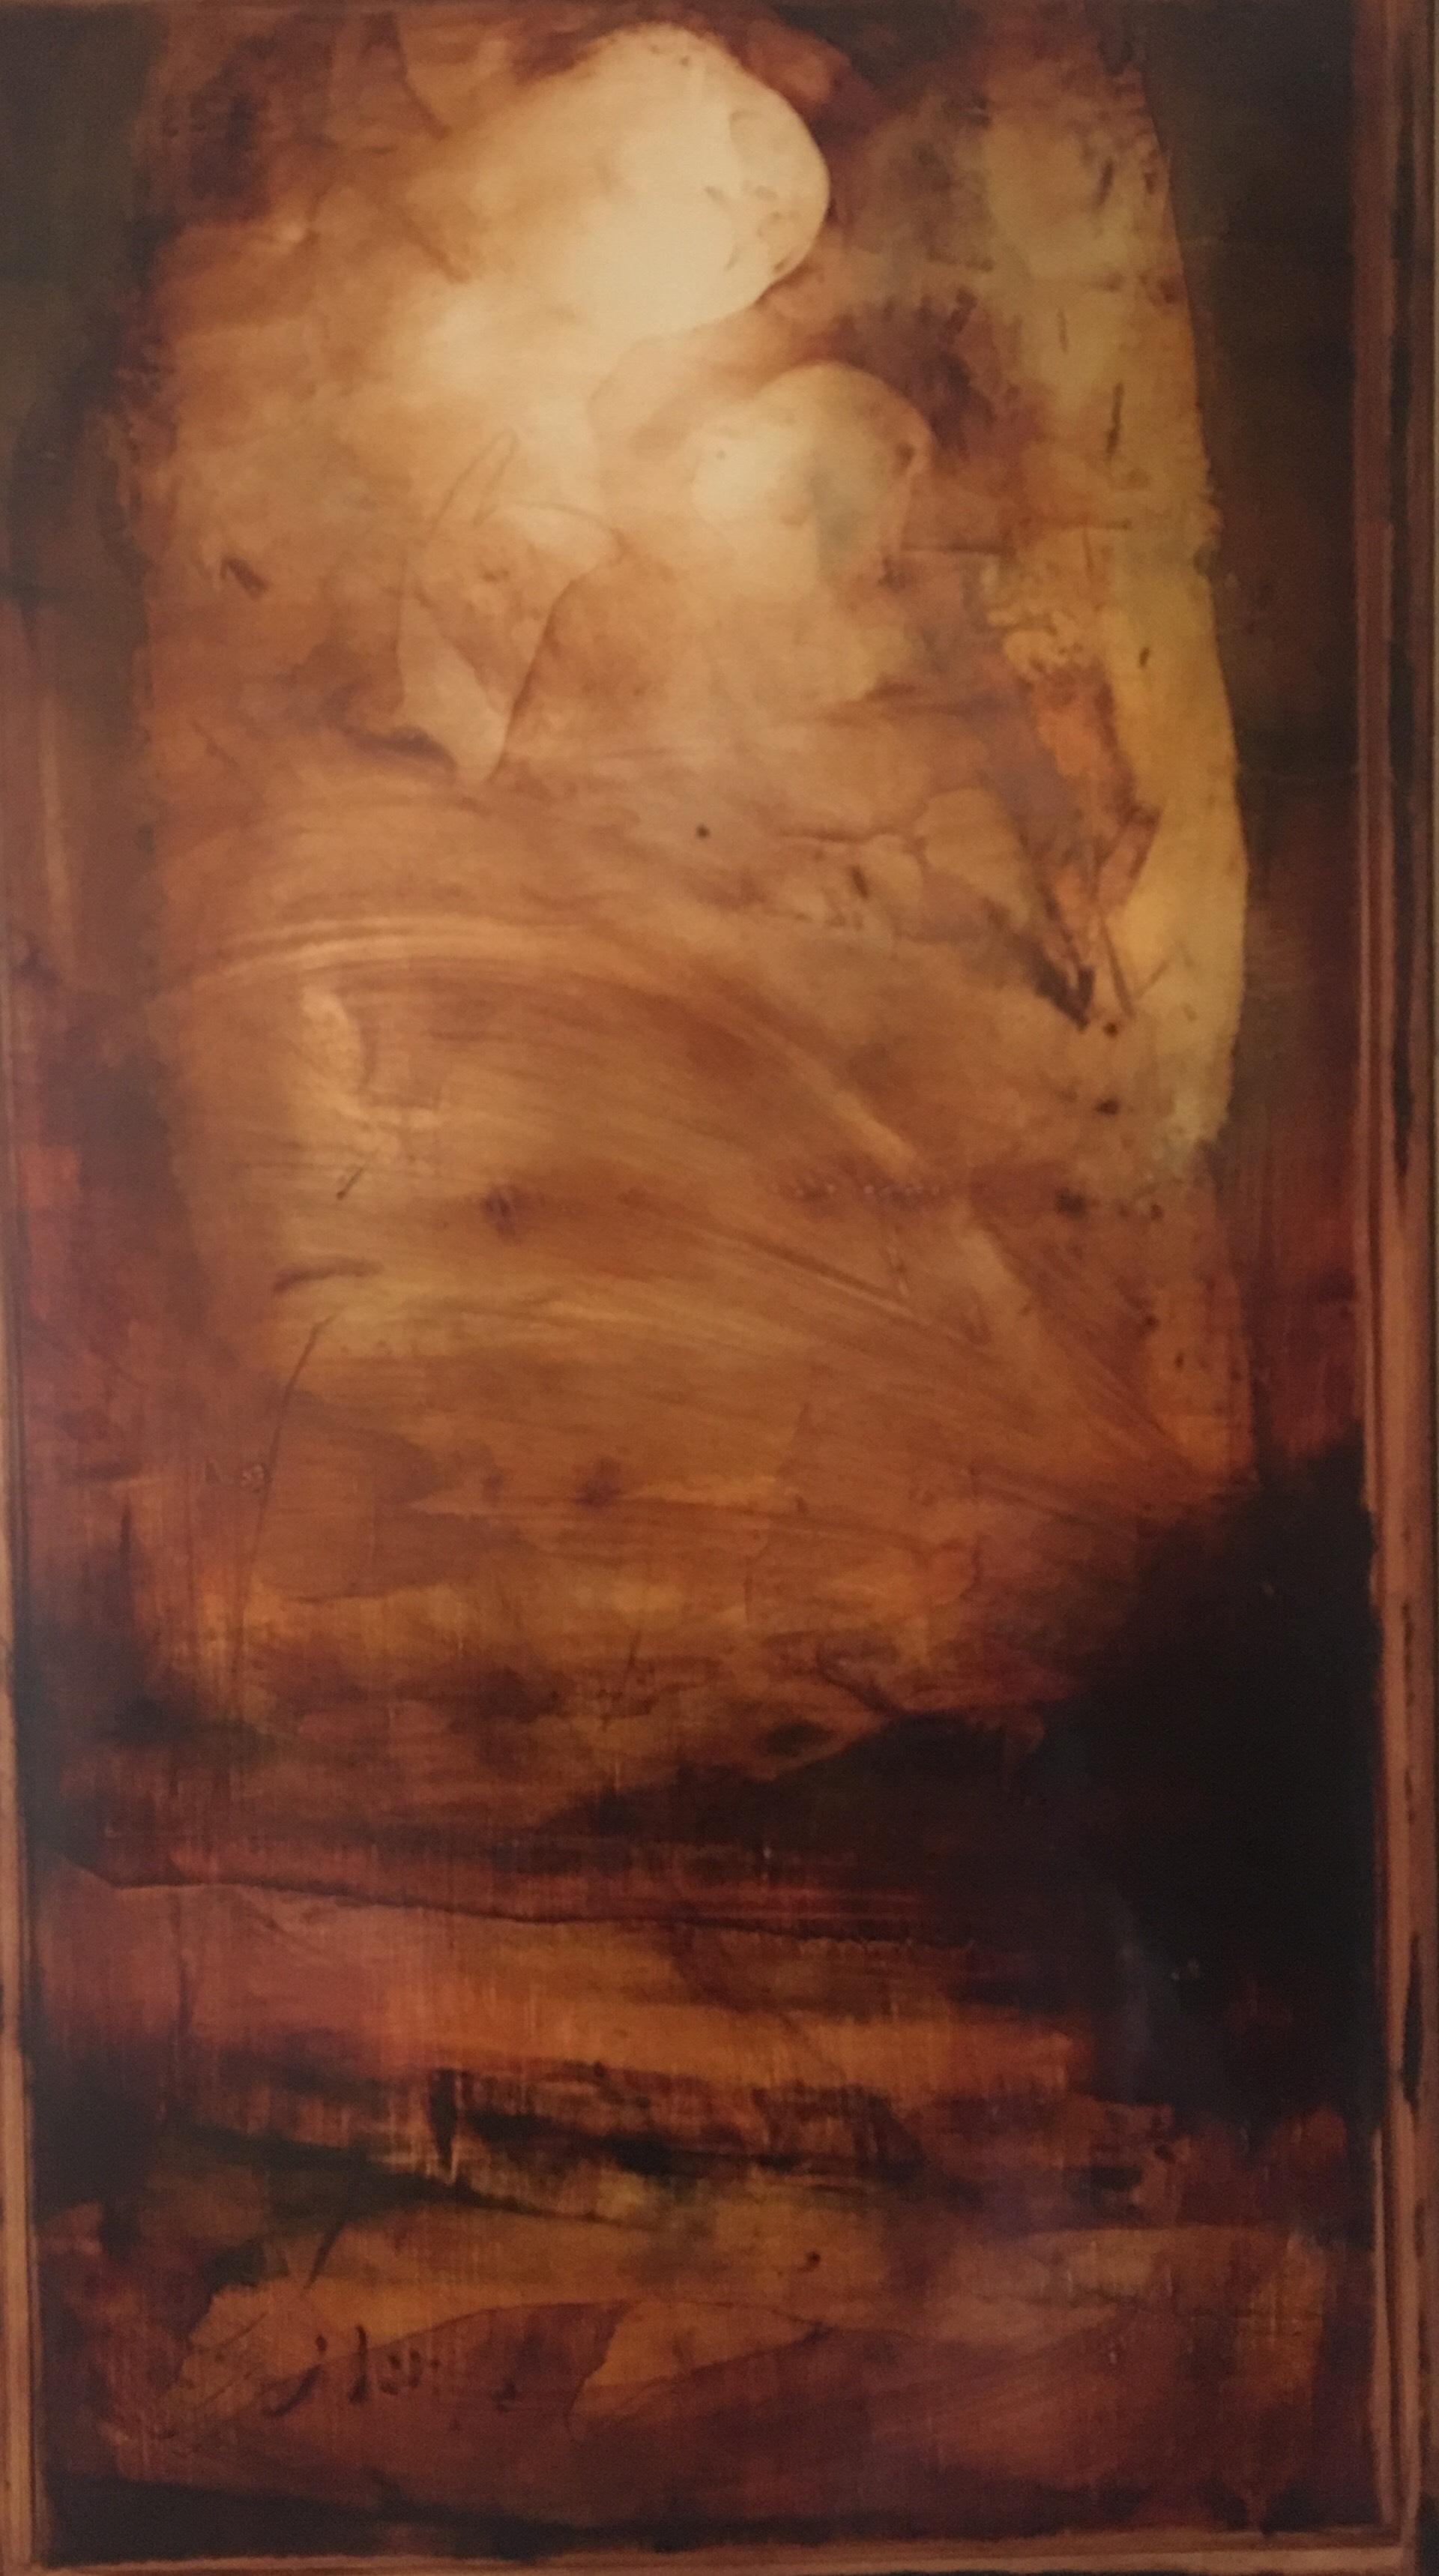 Carlos Araujo - Maternidade em Siena  Escuro